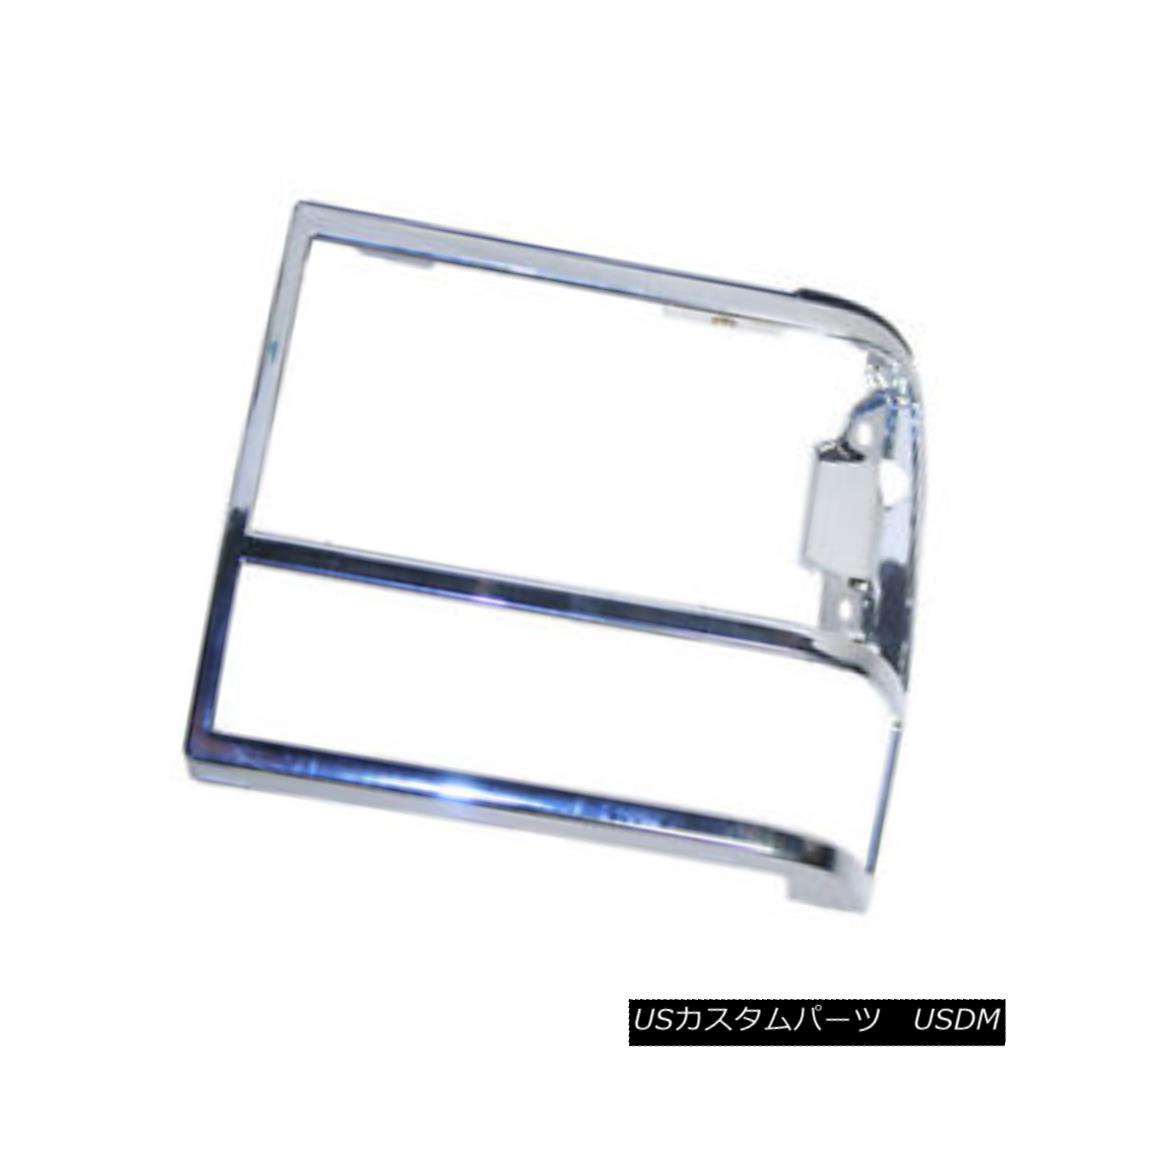 グリル New Replacement Headlight Door Chrome Driver Side without GT 630-00924AL GT 630-00924ALなしの新しい交換ヘッドライトドアクロームドライバサイド